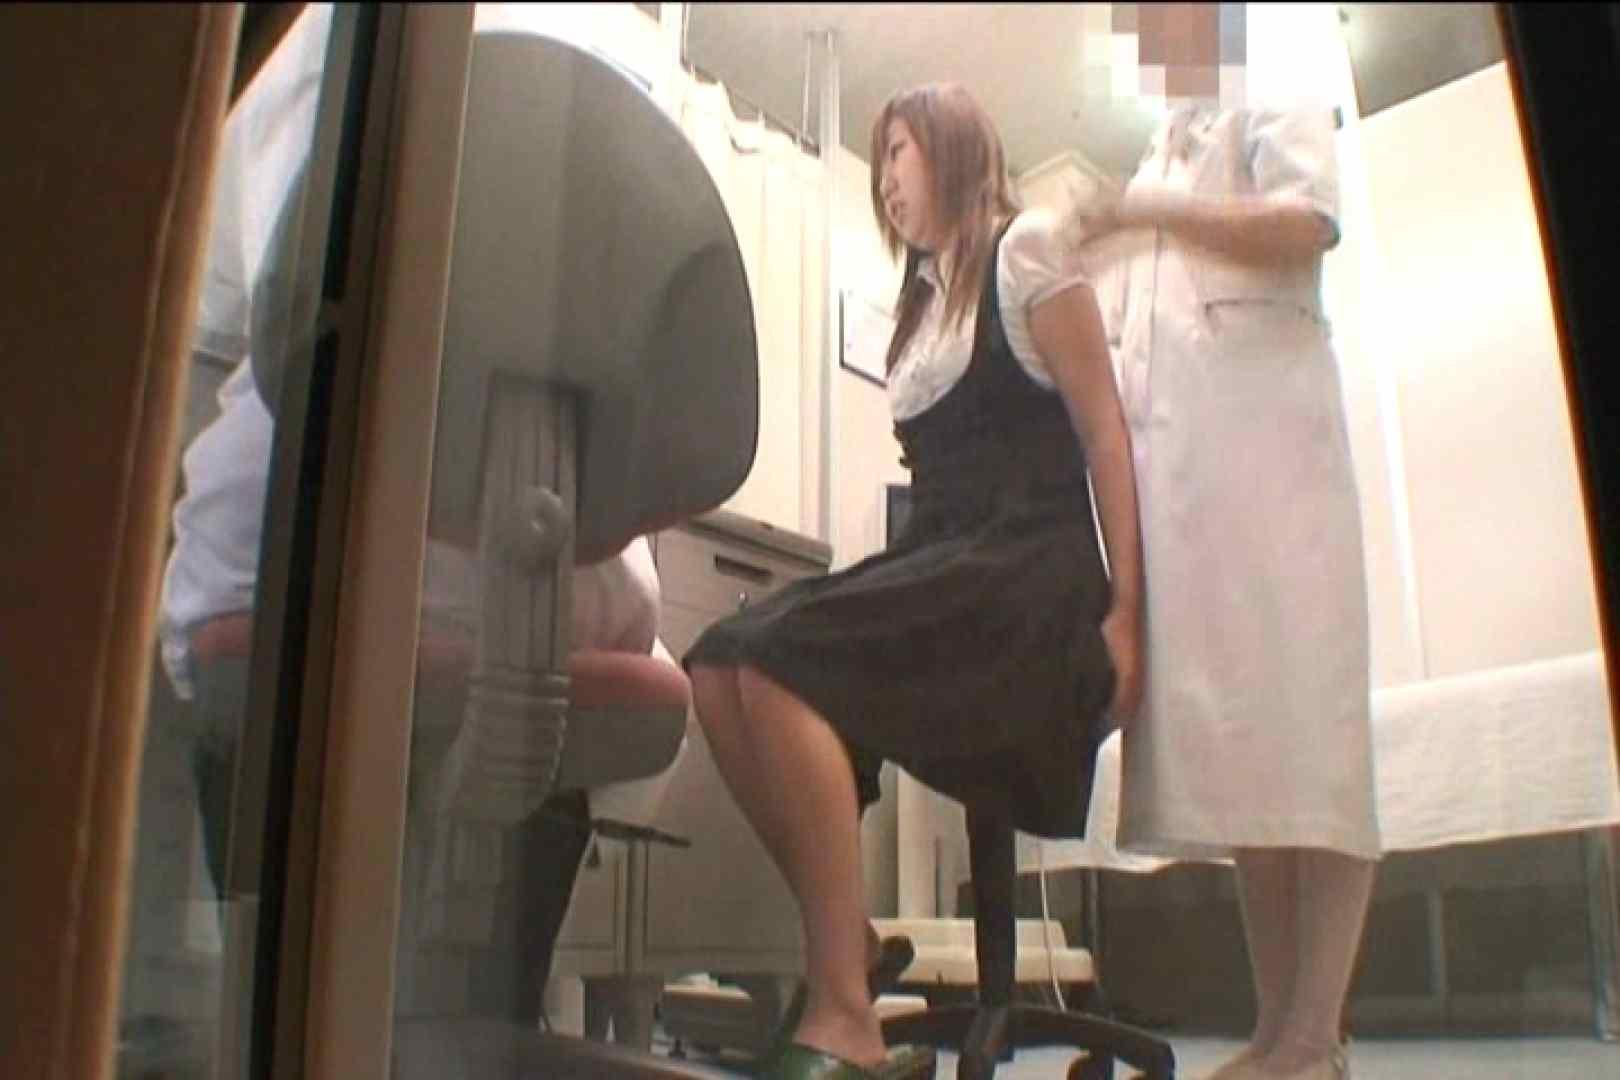 患者のおまんこをコレクションする変態医師の流出映像Vol.1 おまんこ  78pic 3